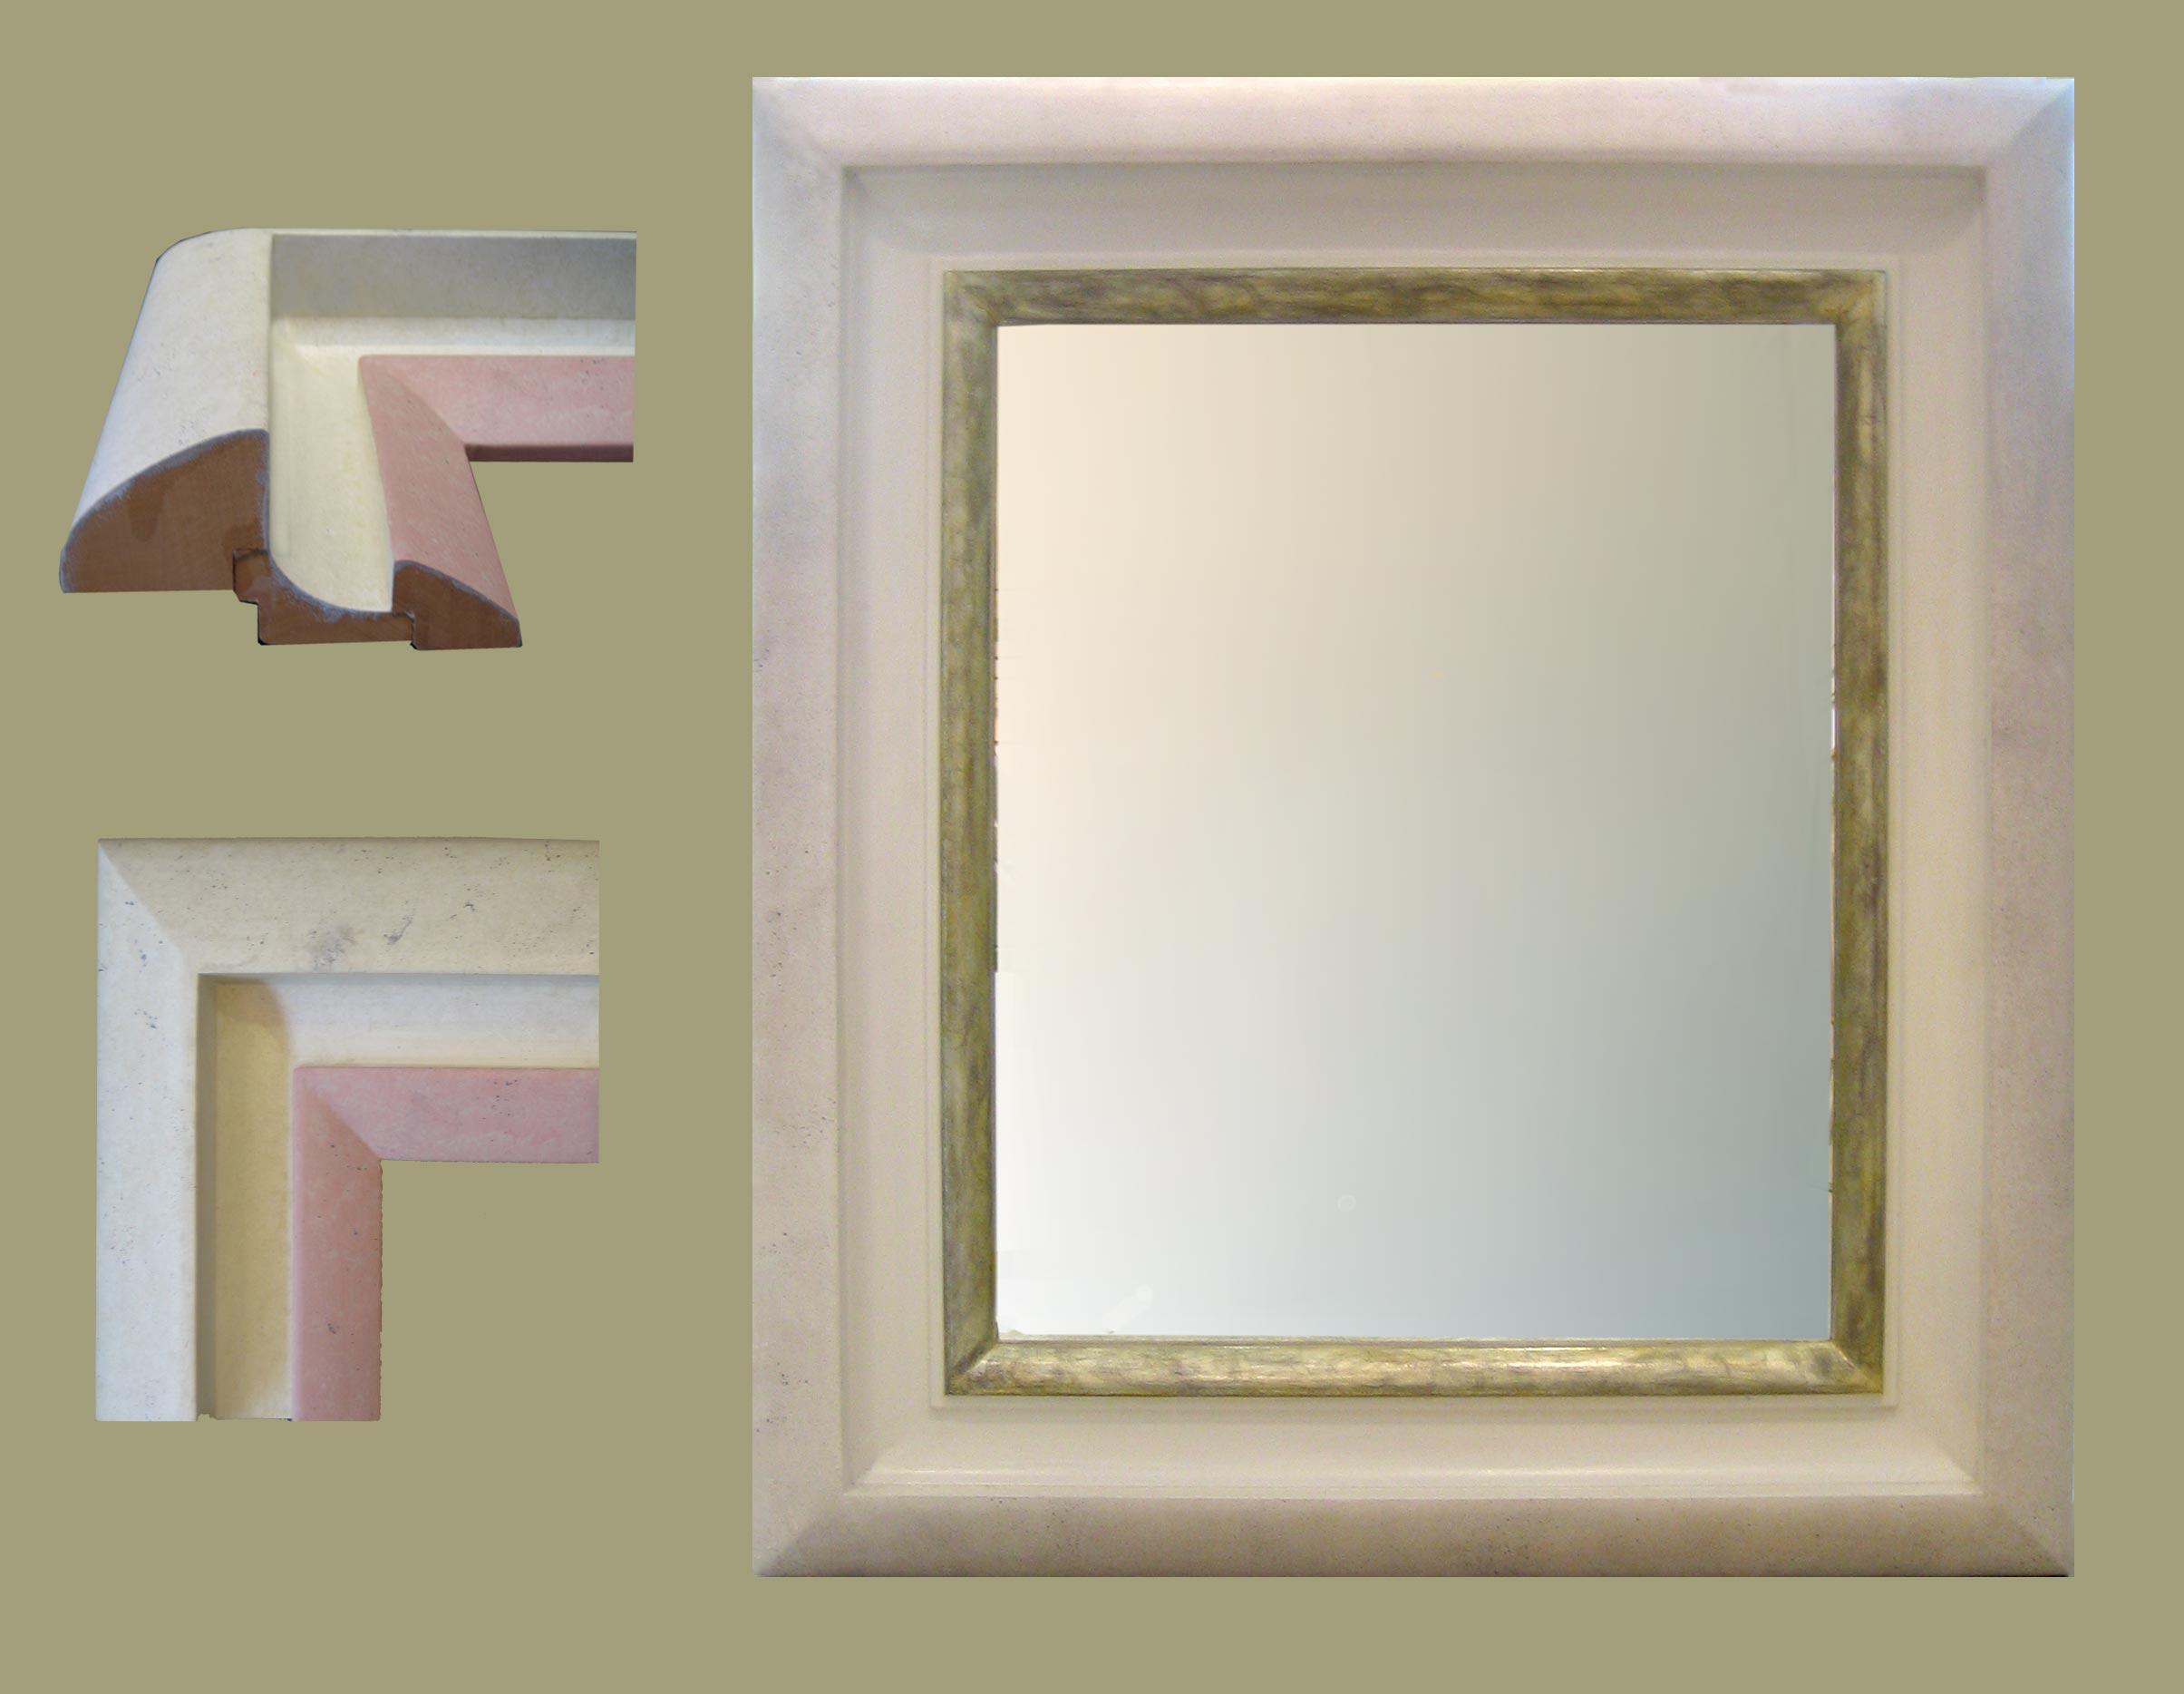 Hall of frame - Die Spiegelrahmen - Galerie